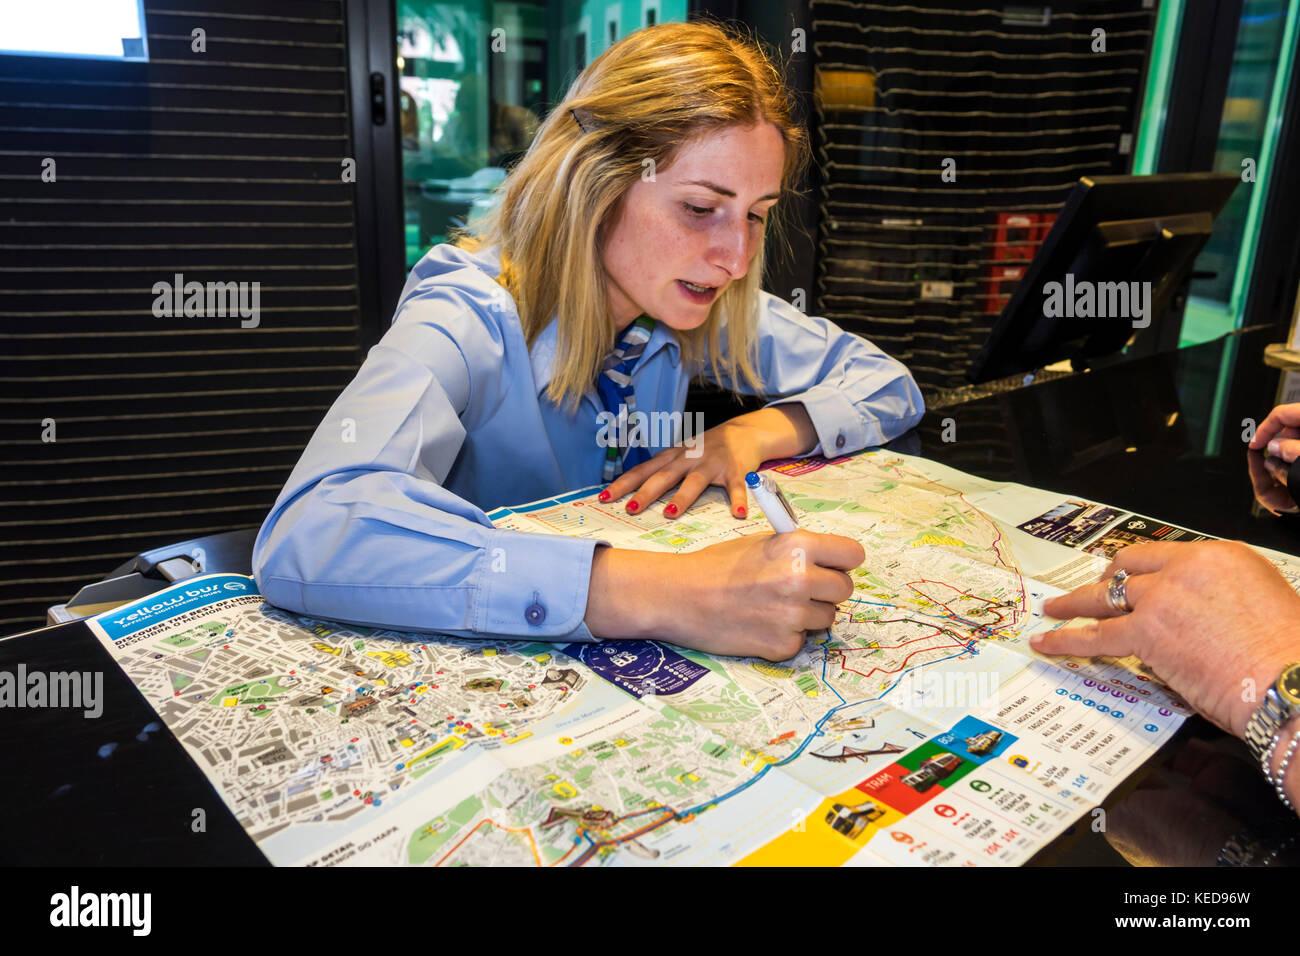 rua alexandre herculano lisboa mapa Lisboa Portugal Rua Alexandre Herculano Holiday Inn Express  rua alexandre herculano lisboa mapa